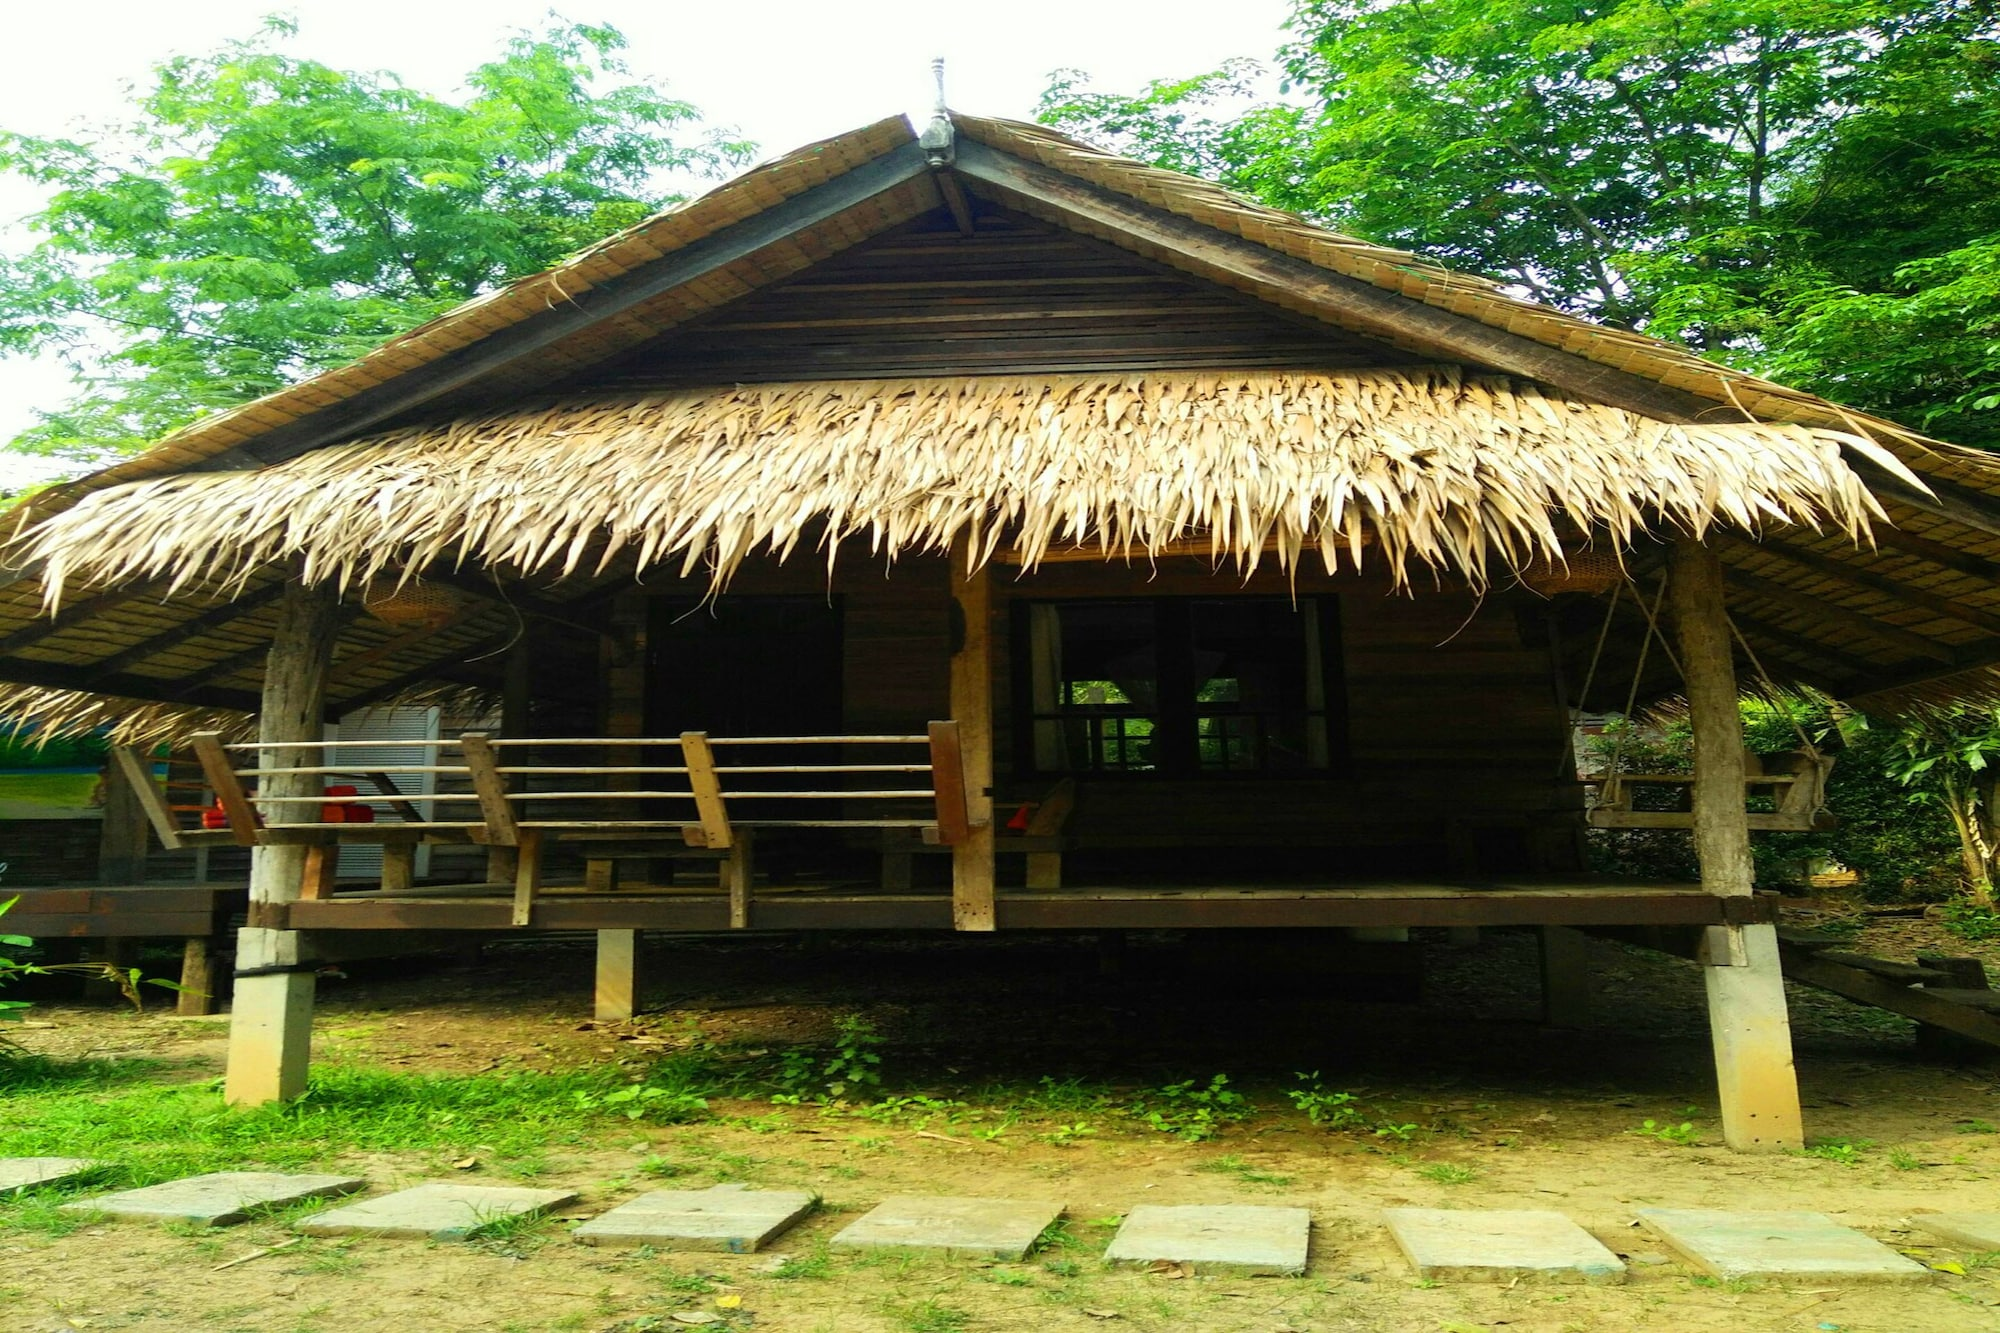 Khaoyai Uncle Nai's Hut, Pak Chong